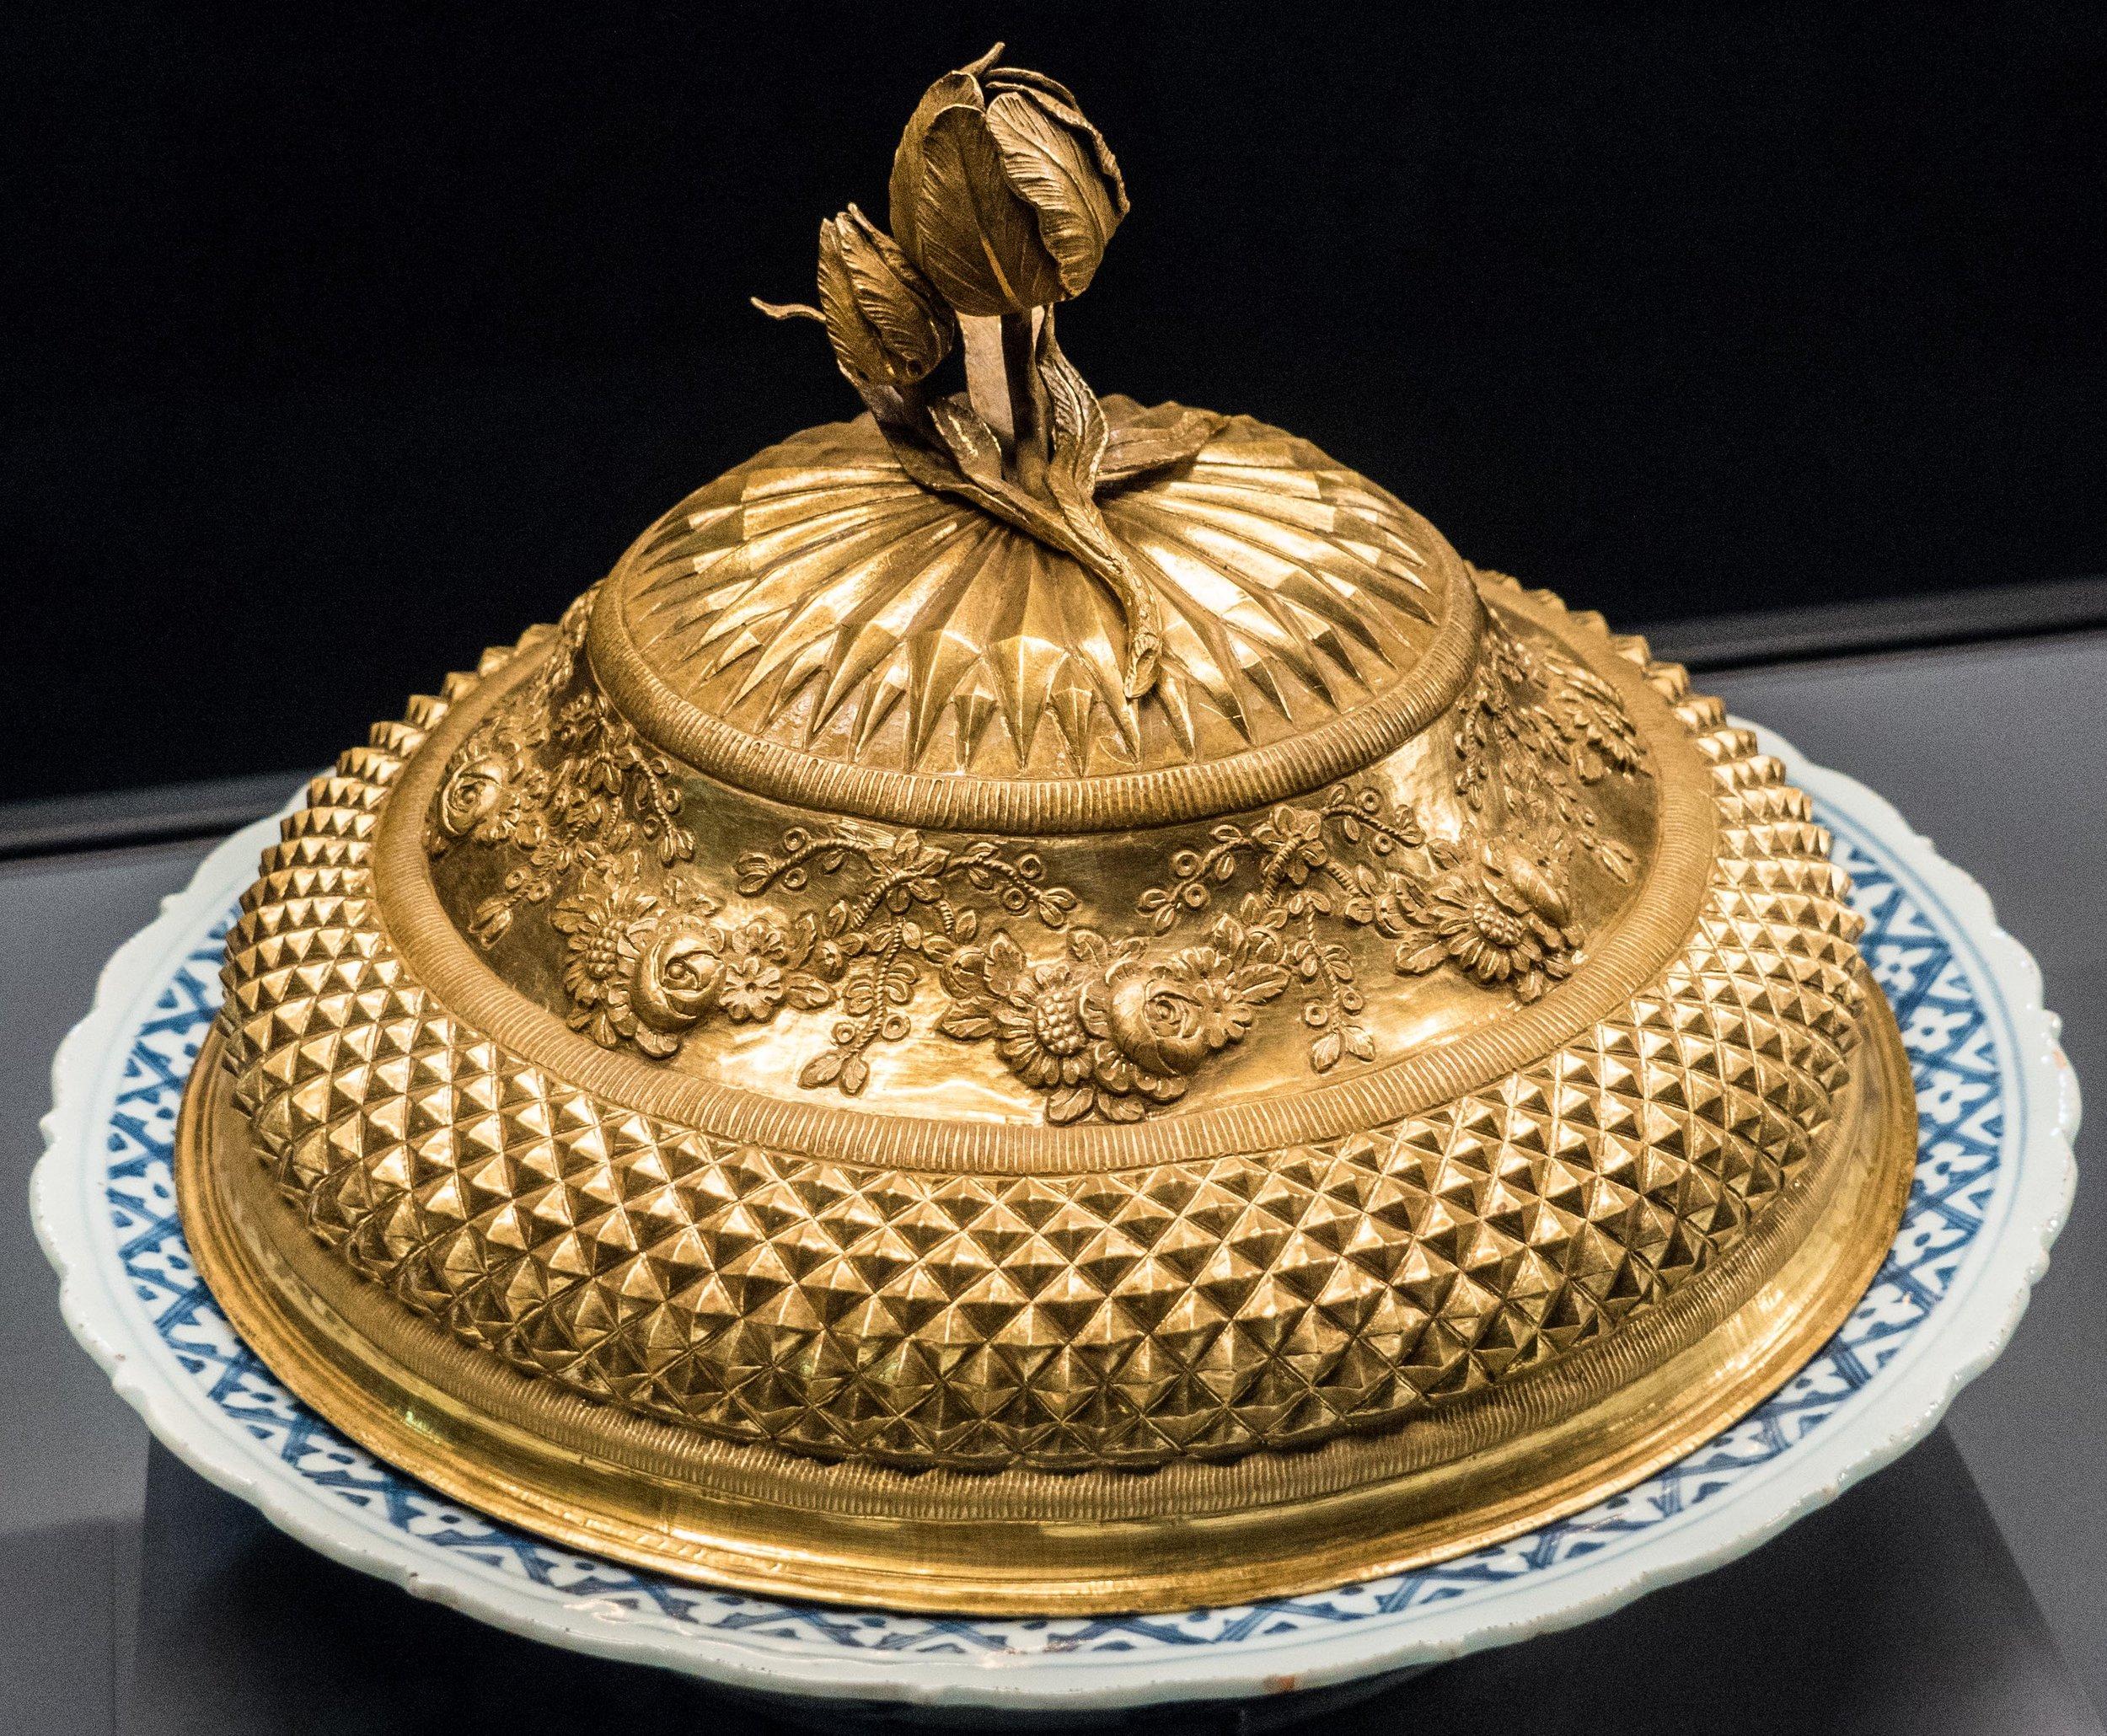 Sultan's Dish